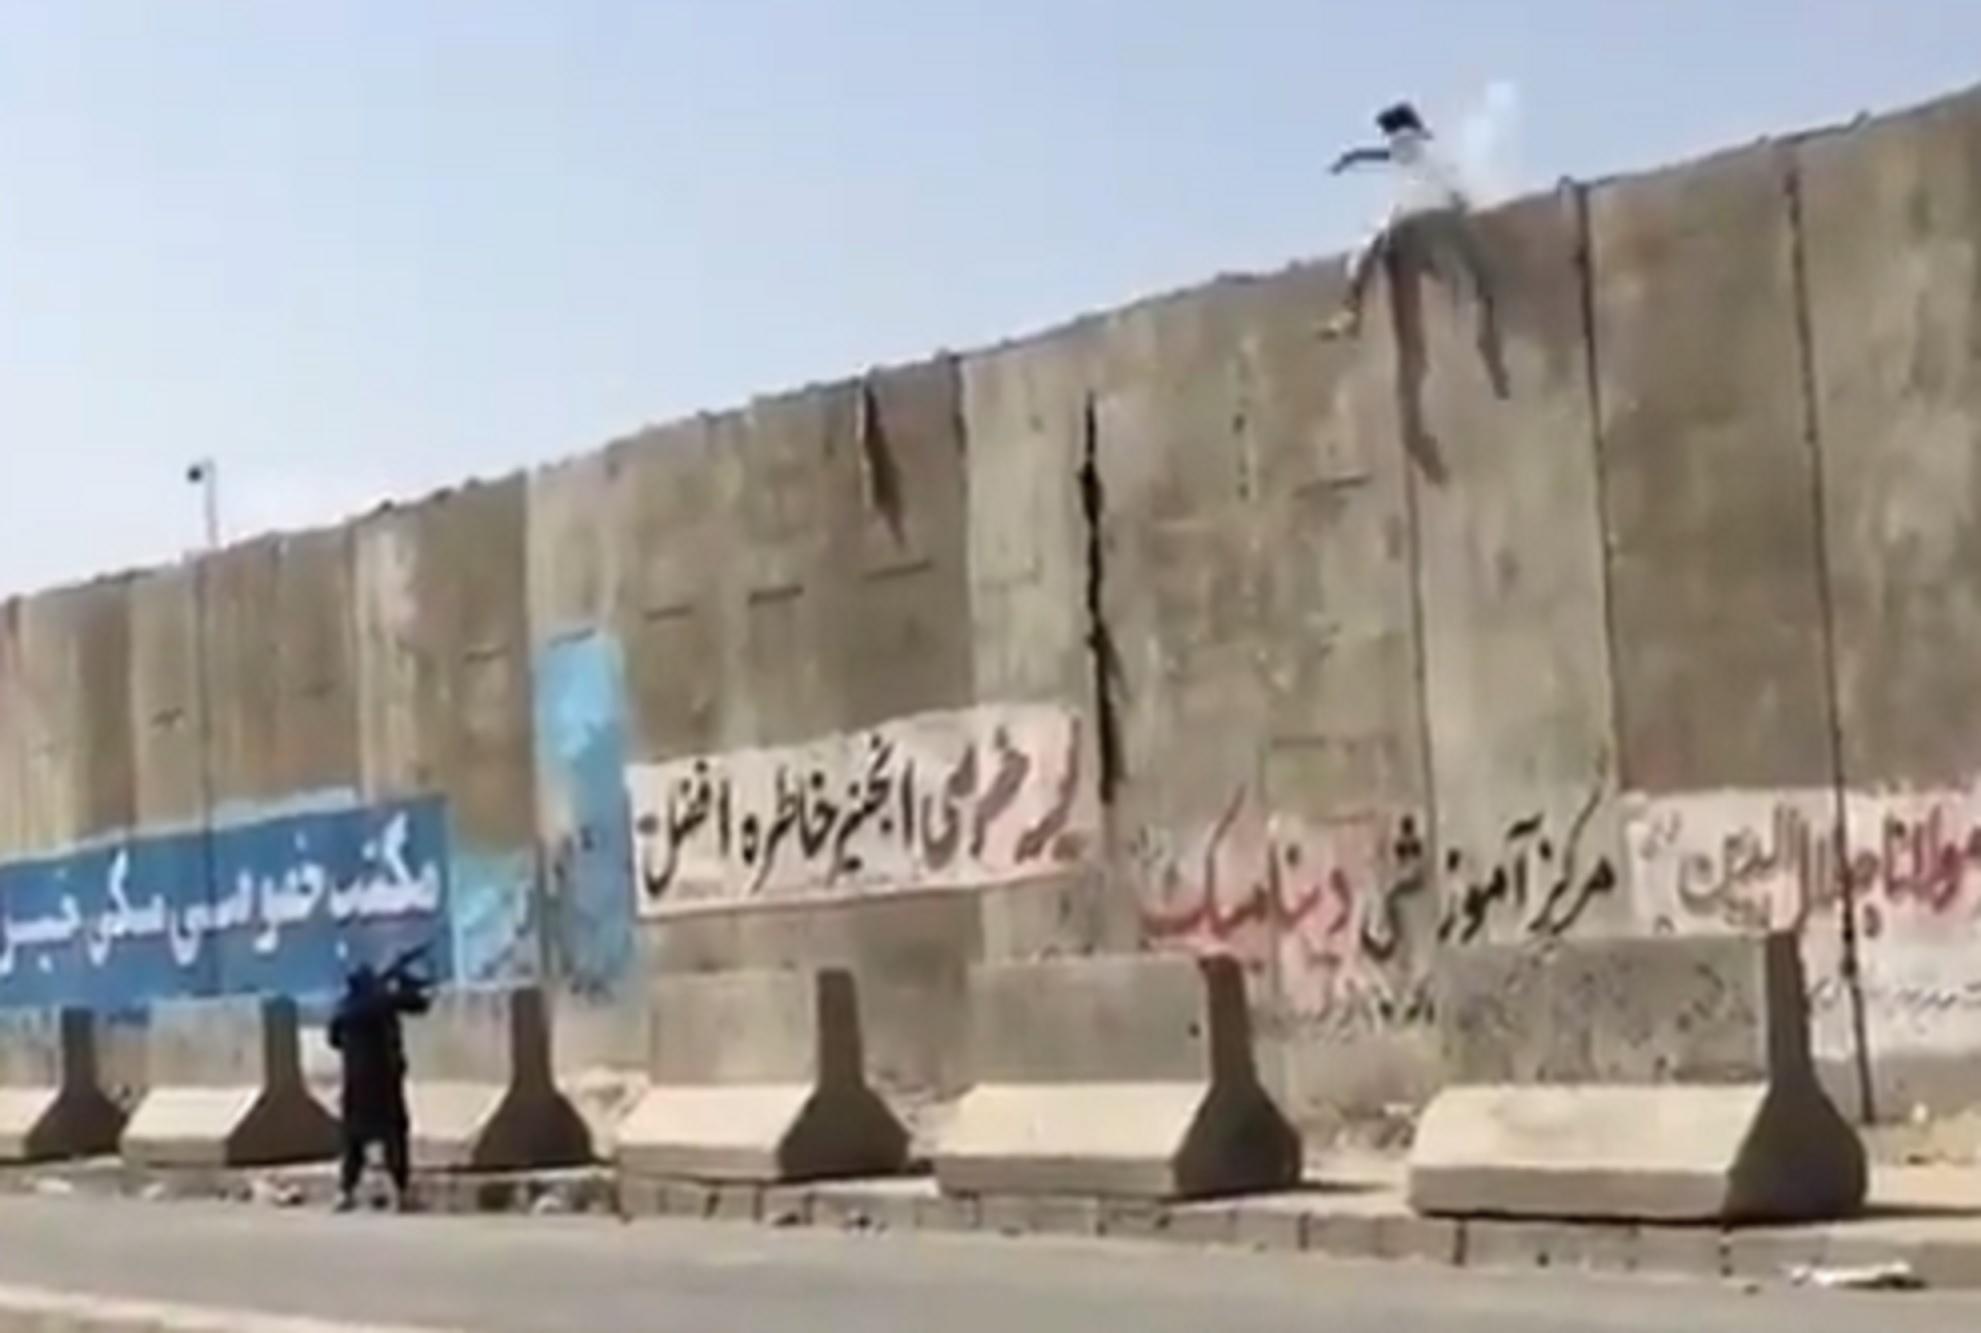 Αφγανιστάν: Ταλιμπάν πυροβολεί εν ψυχρώ πολίτη στο αεροδρόμιο – Σοκαριστικό βίντεο